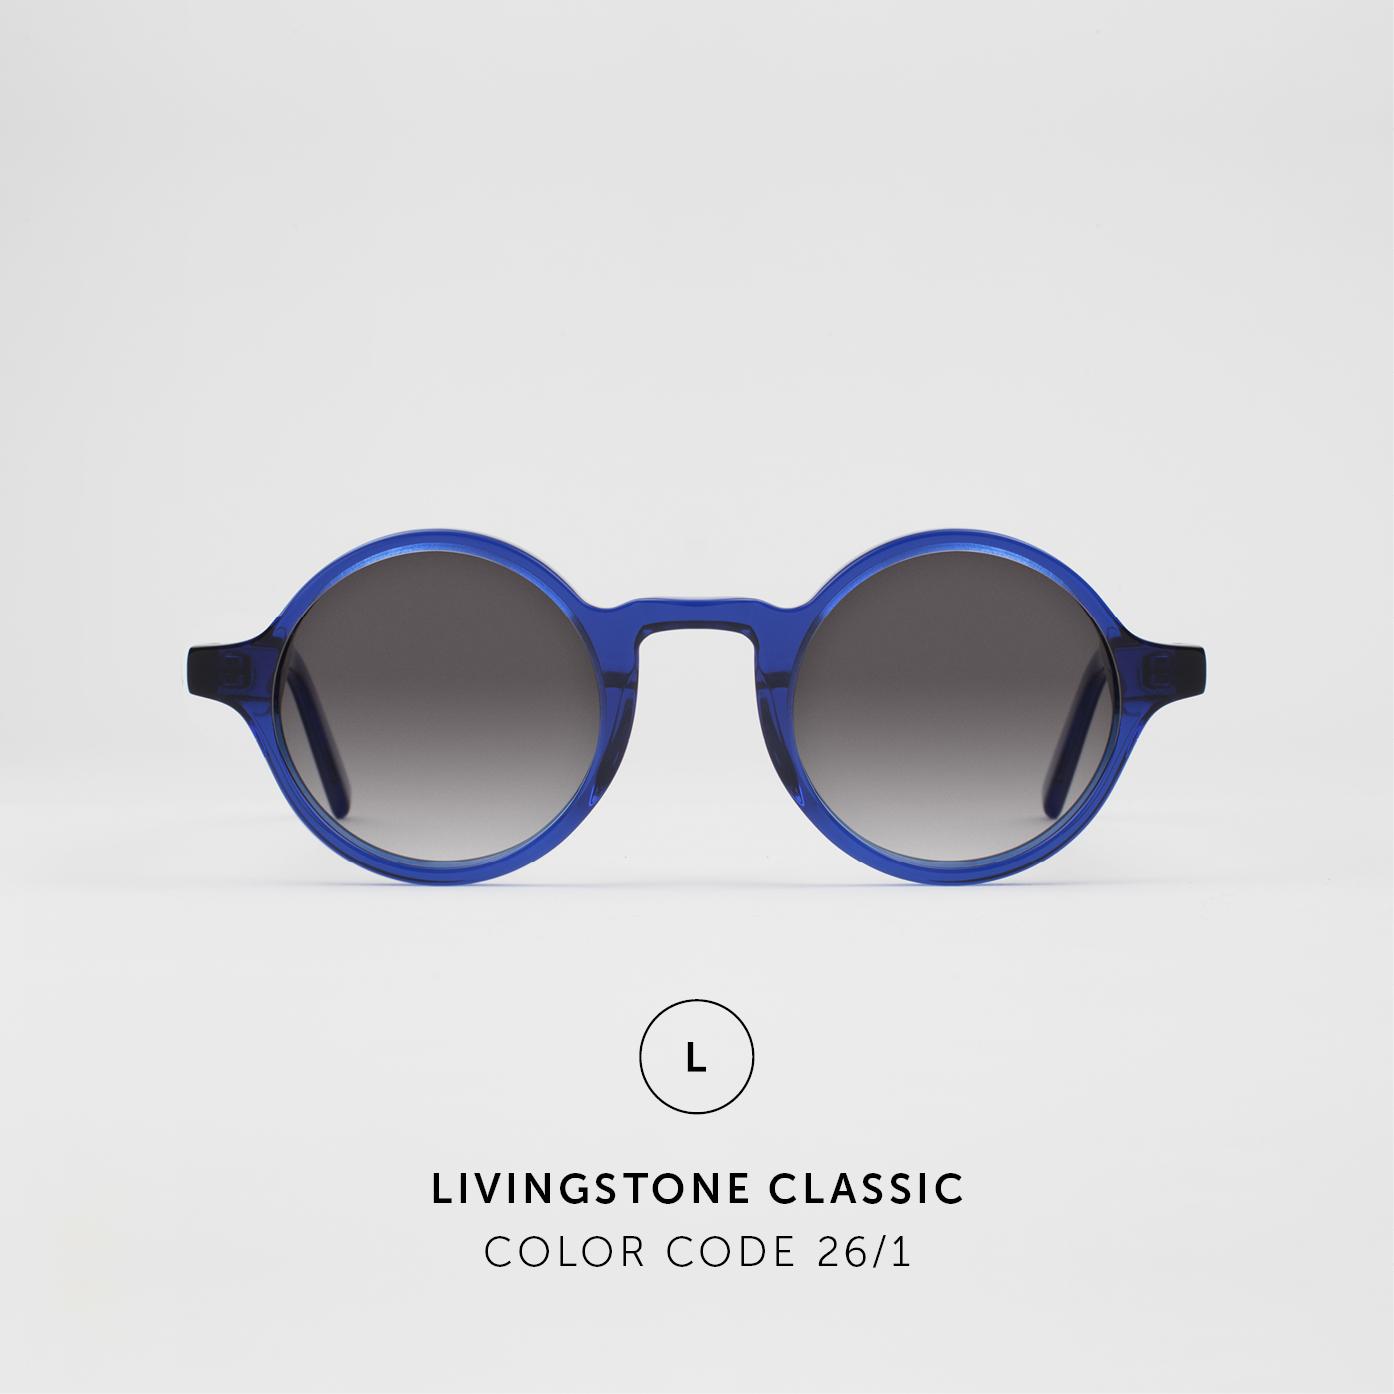 LivingstoneClassic63.jpg